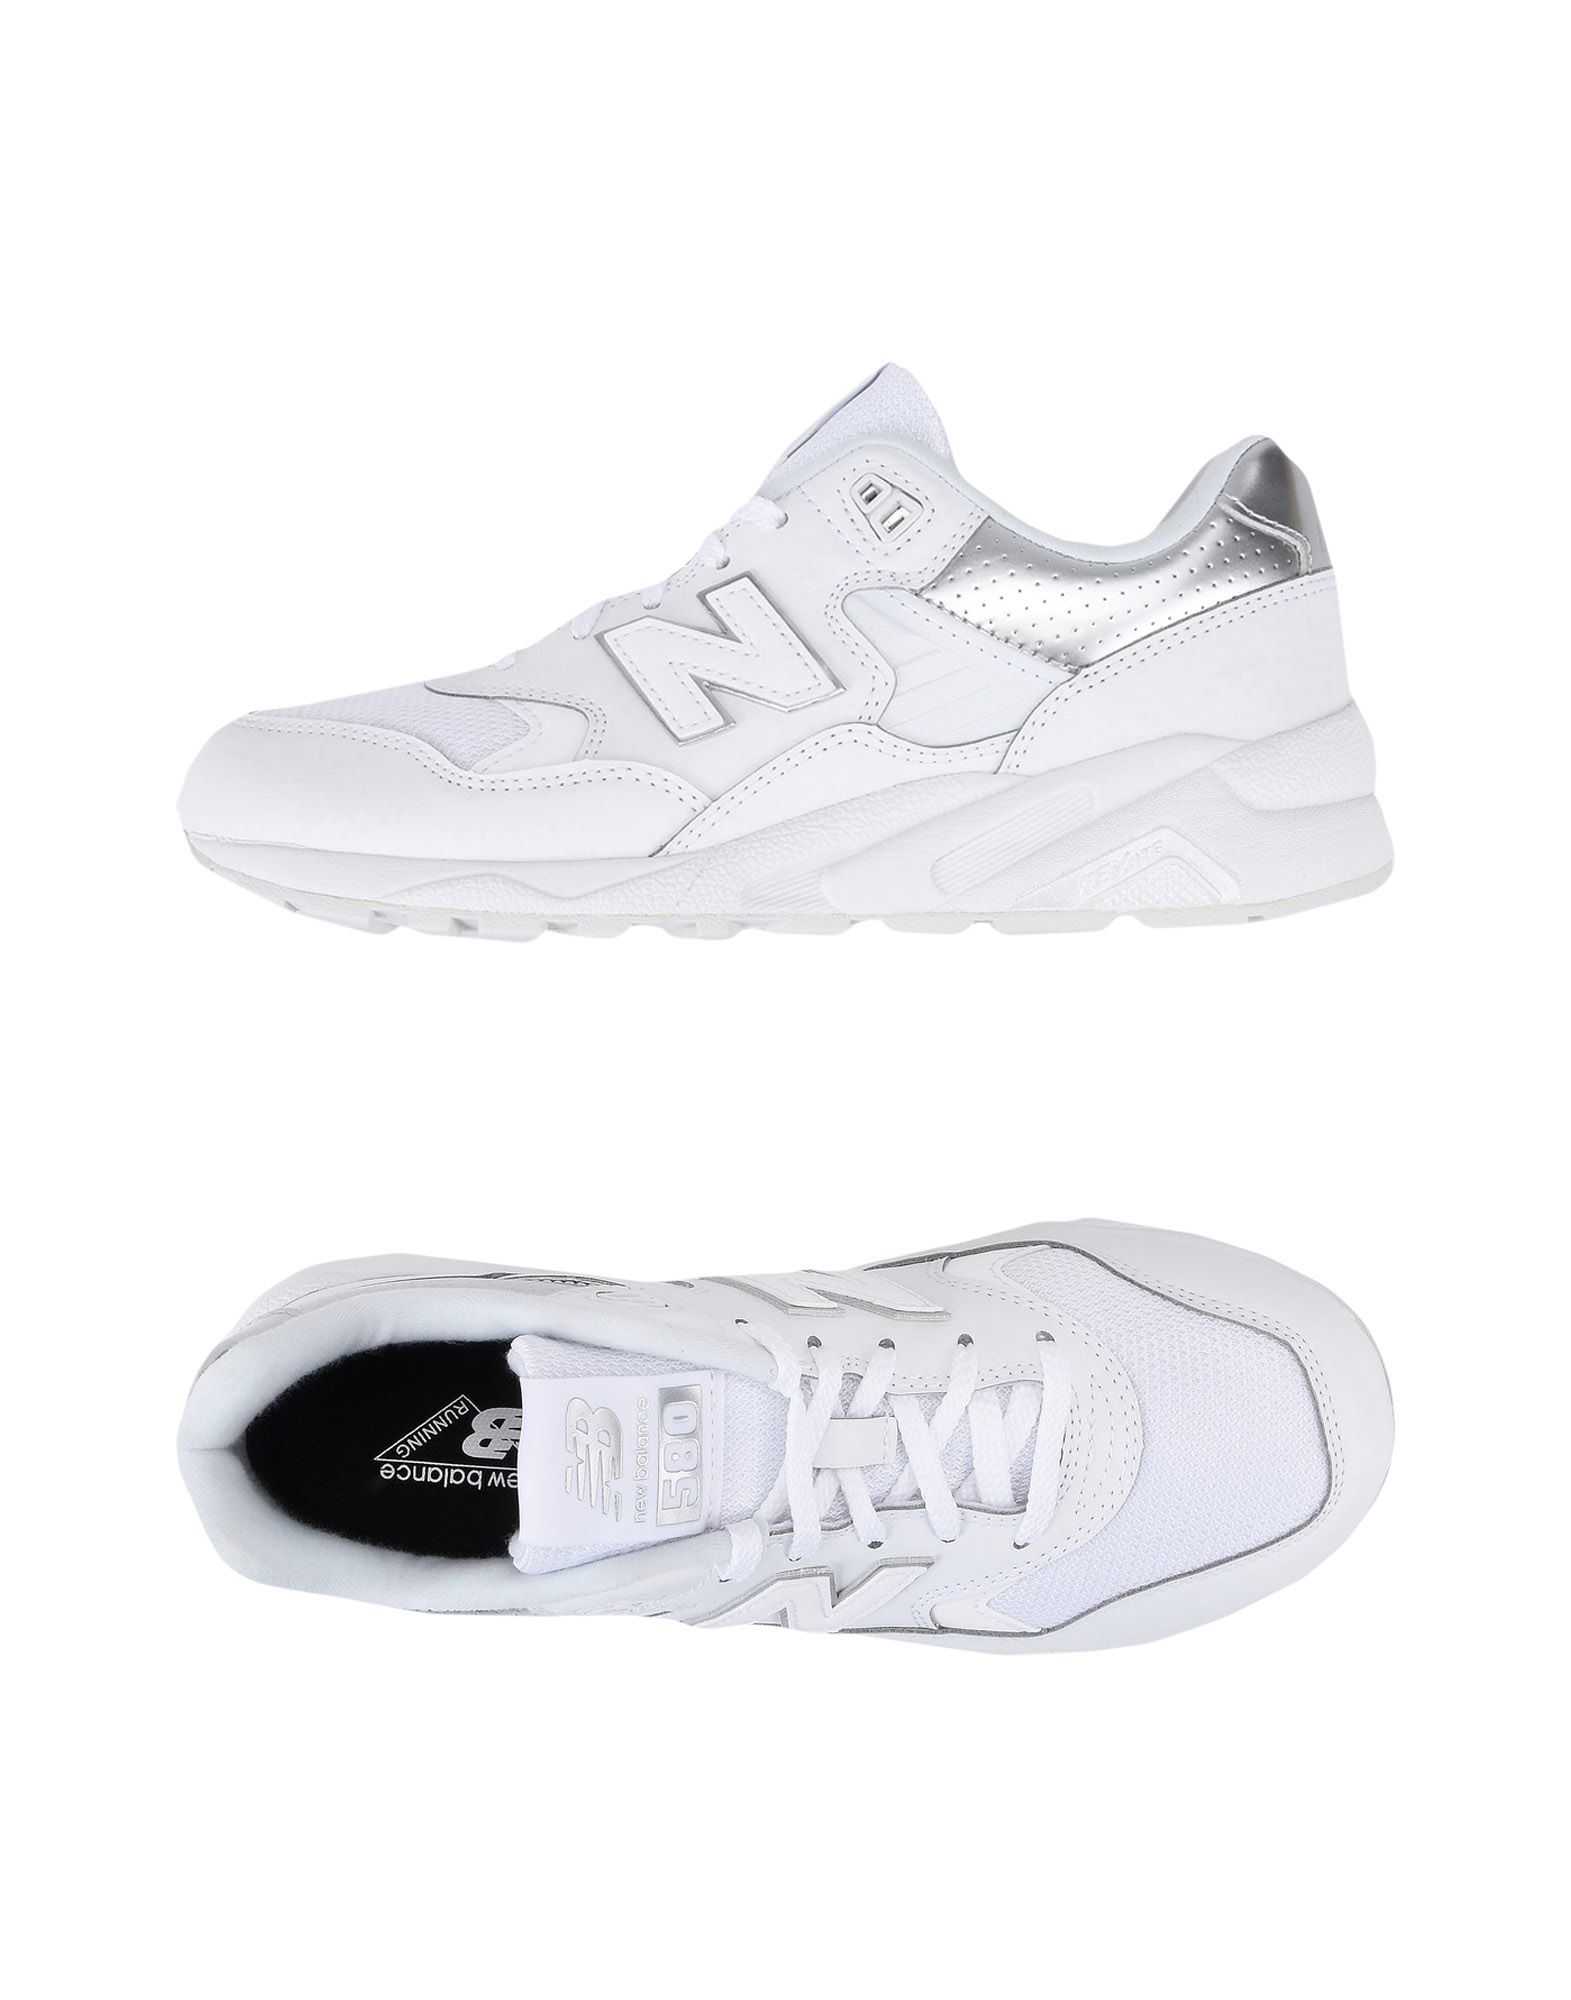 NEW BALANCE Низкие кеды и кроссовки new balance nb wrt580we 580 женских моделей спортивной обуви ретро обувь подушке кроссовки кроссовки us6 5 ярдов 37 ярдов